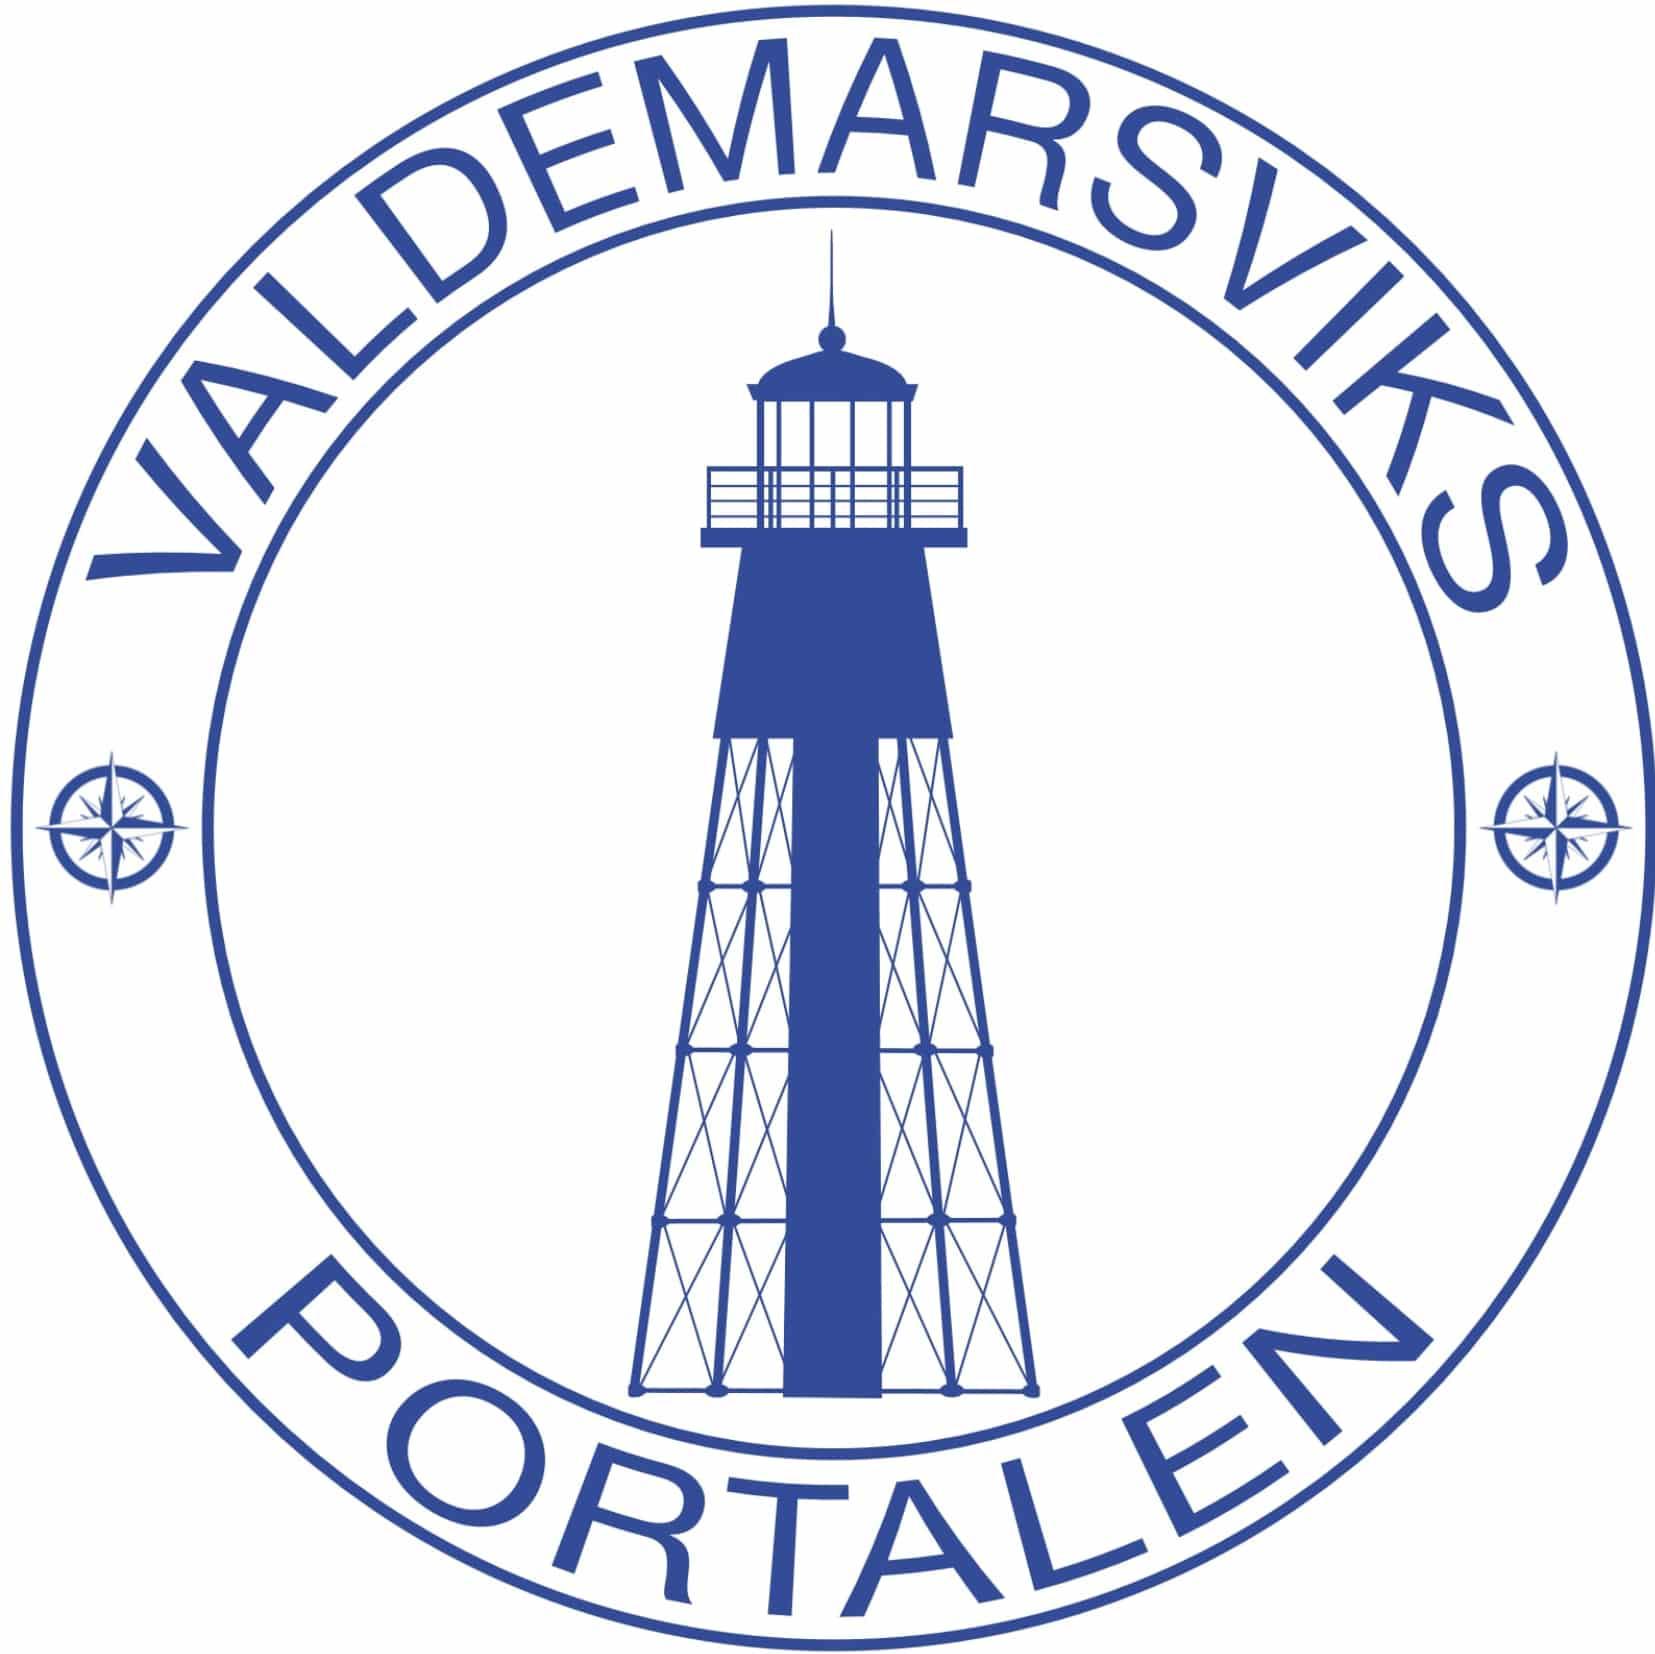 Valdemarsviksportalen